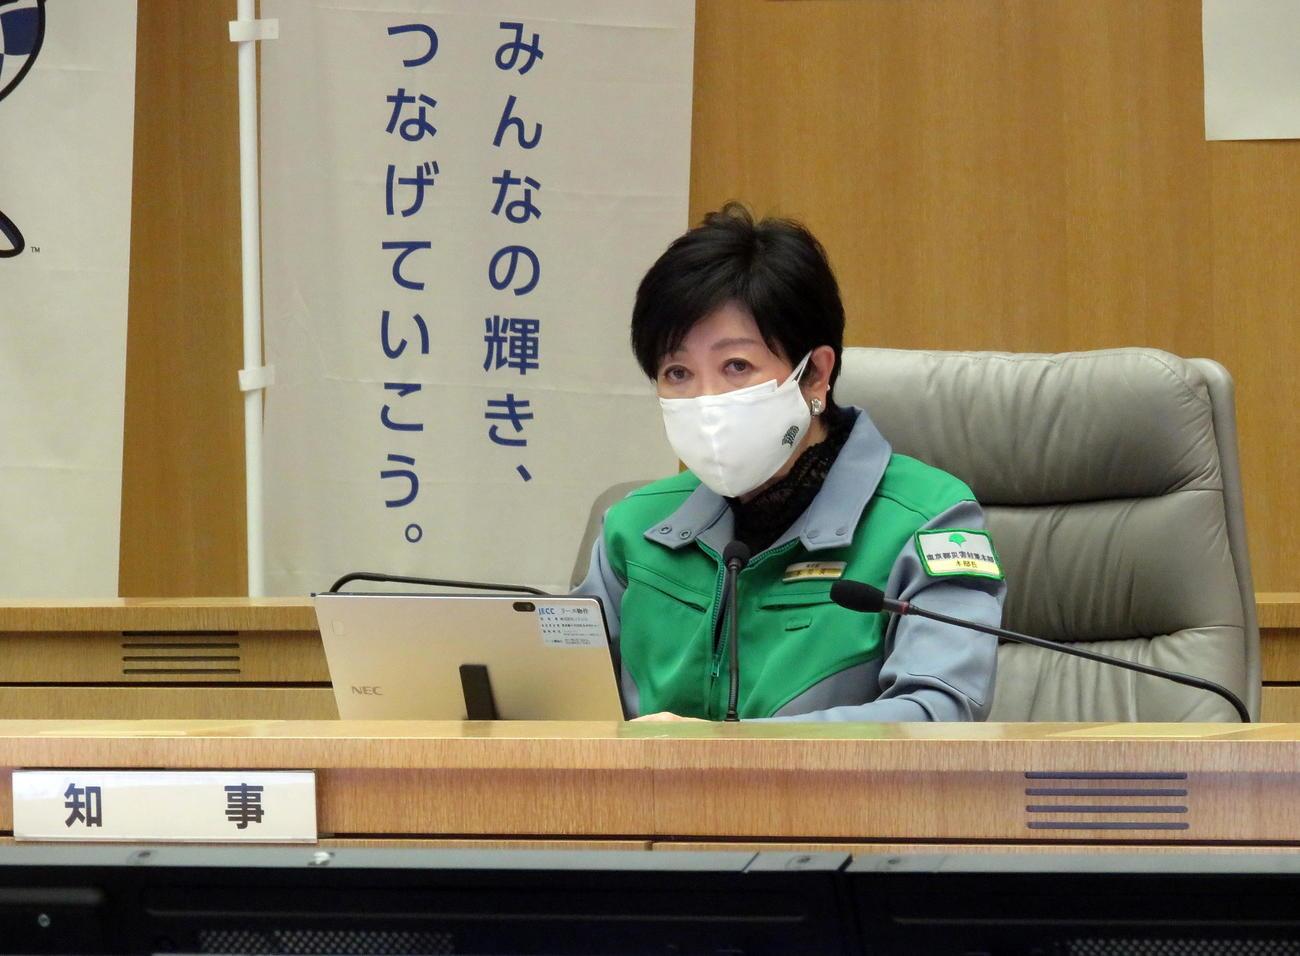 東京都新型コロナウイルス感染症モニタリング会議に出席する小池知事(撮影・鎌田直秀)